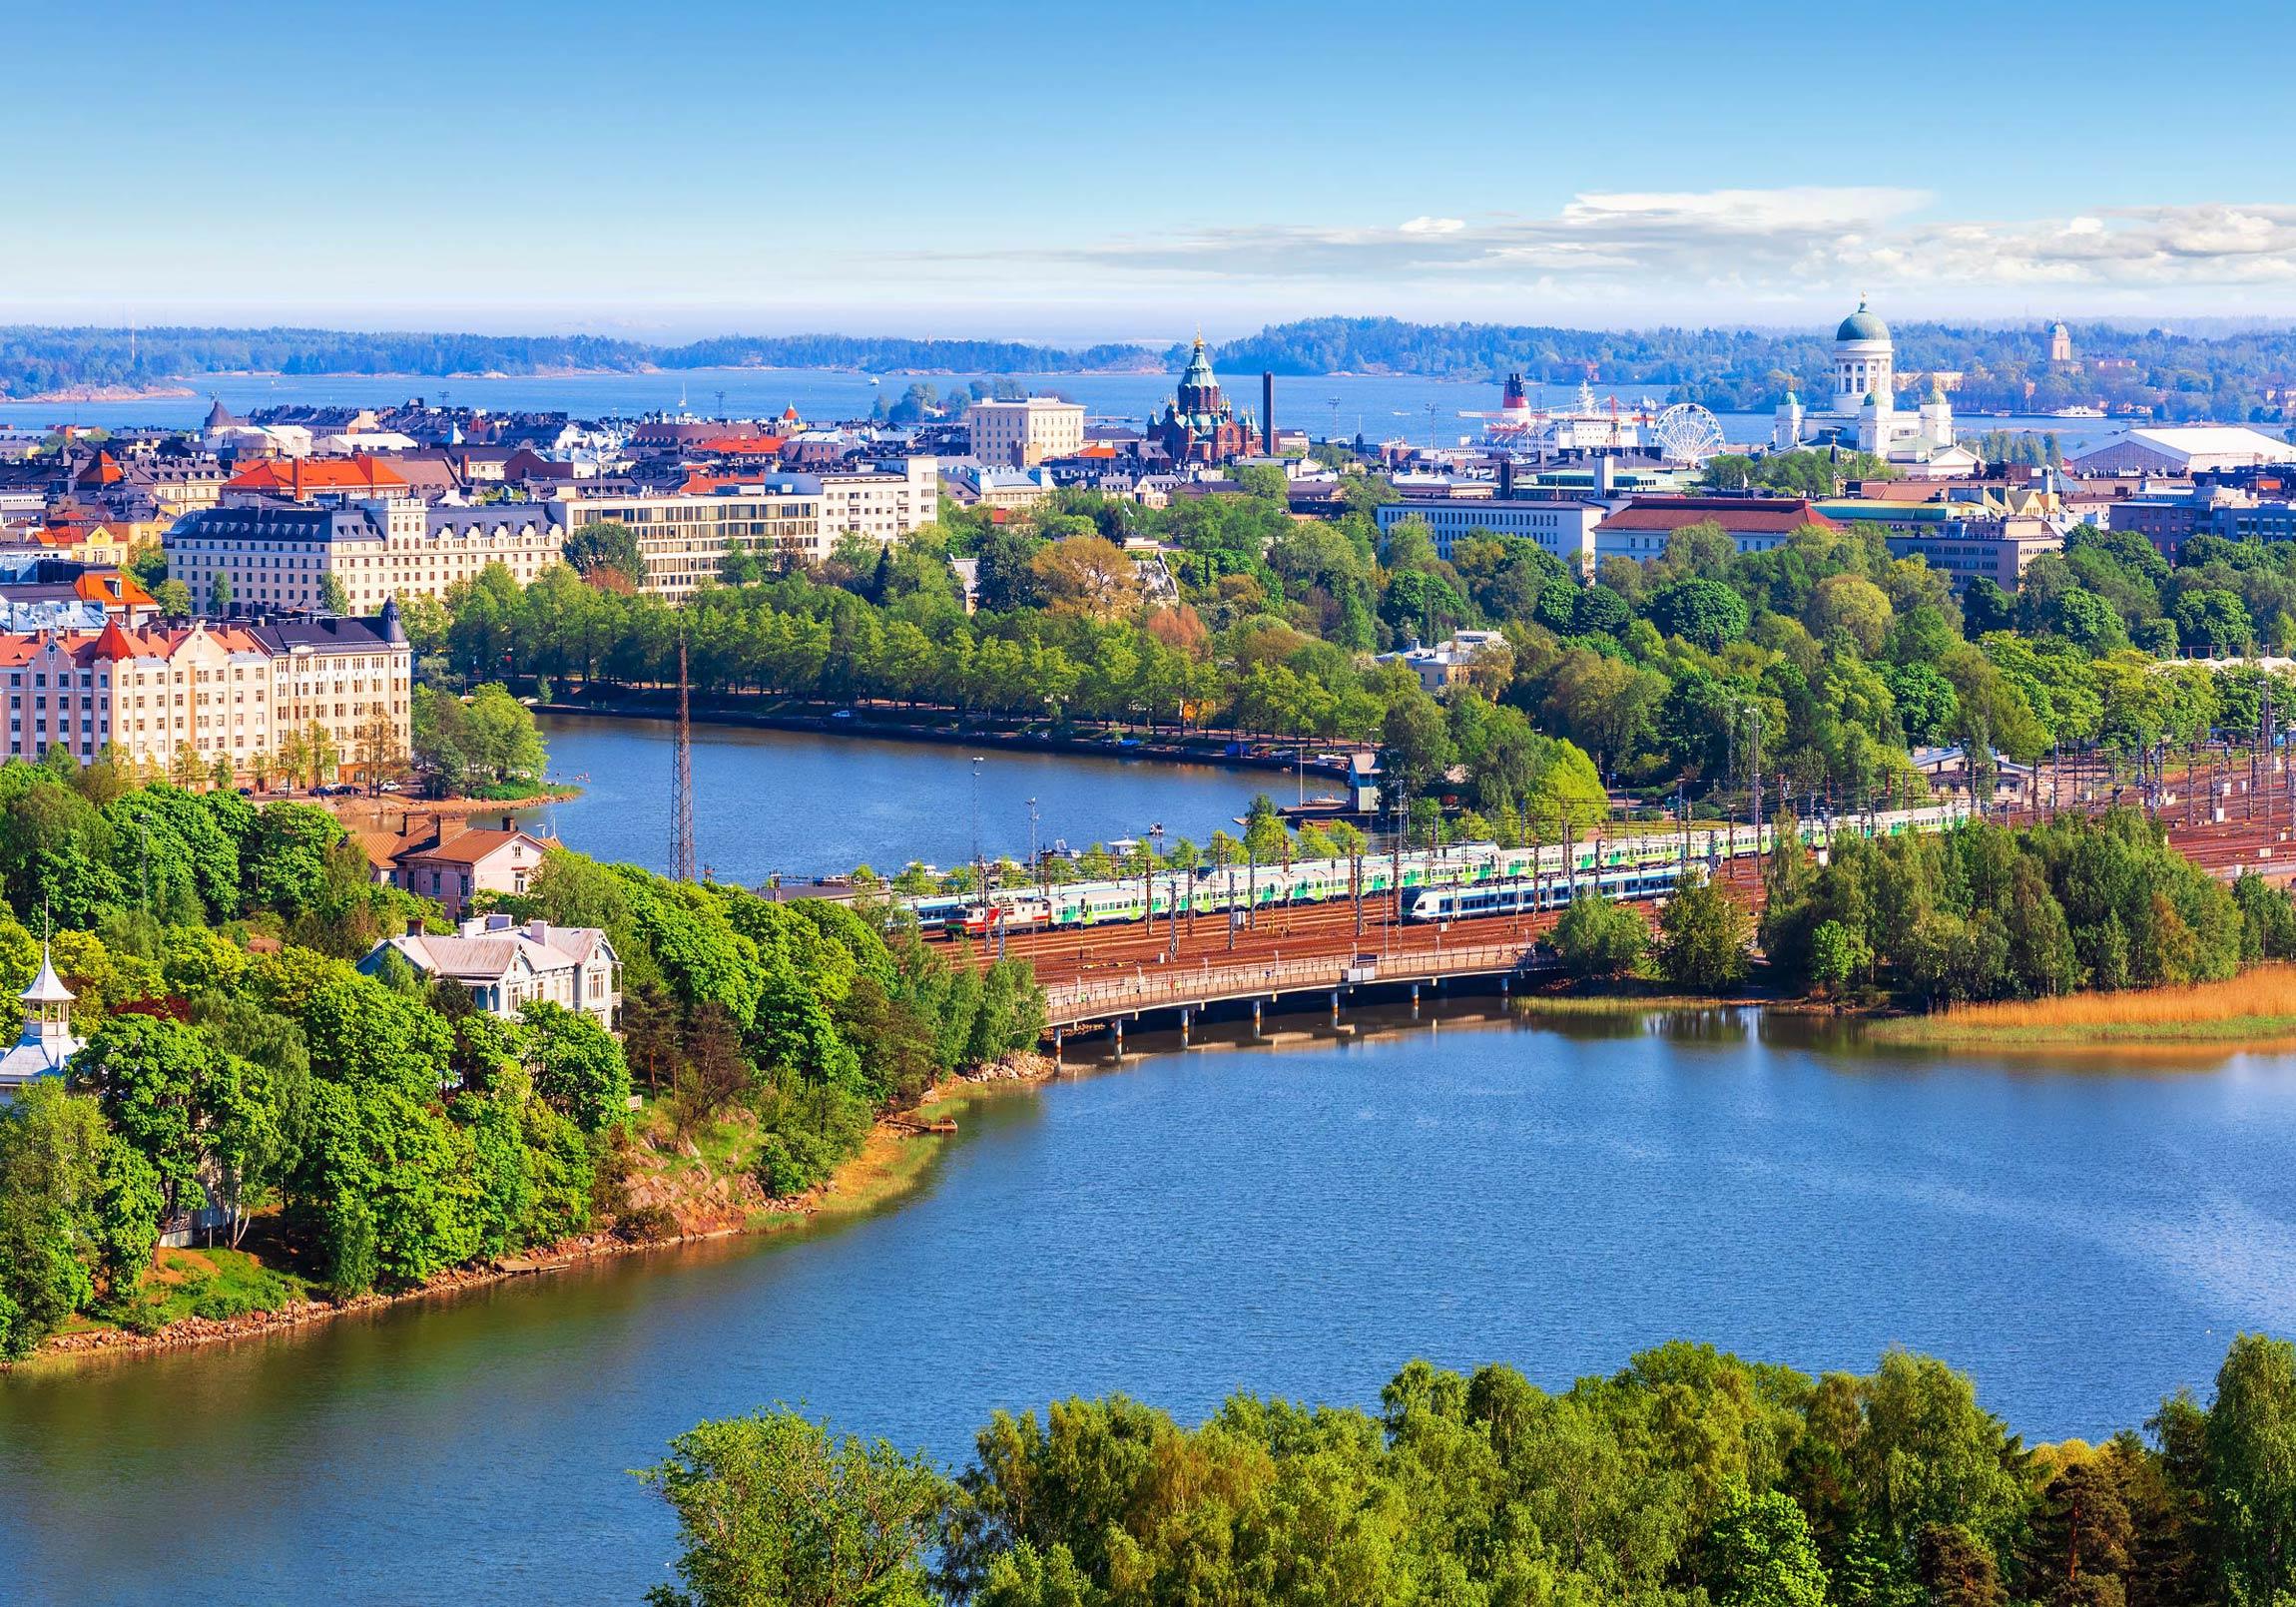 An aerial view of broader Helsinki metropolitan area